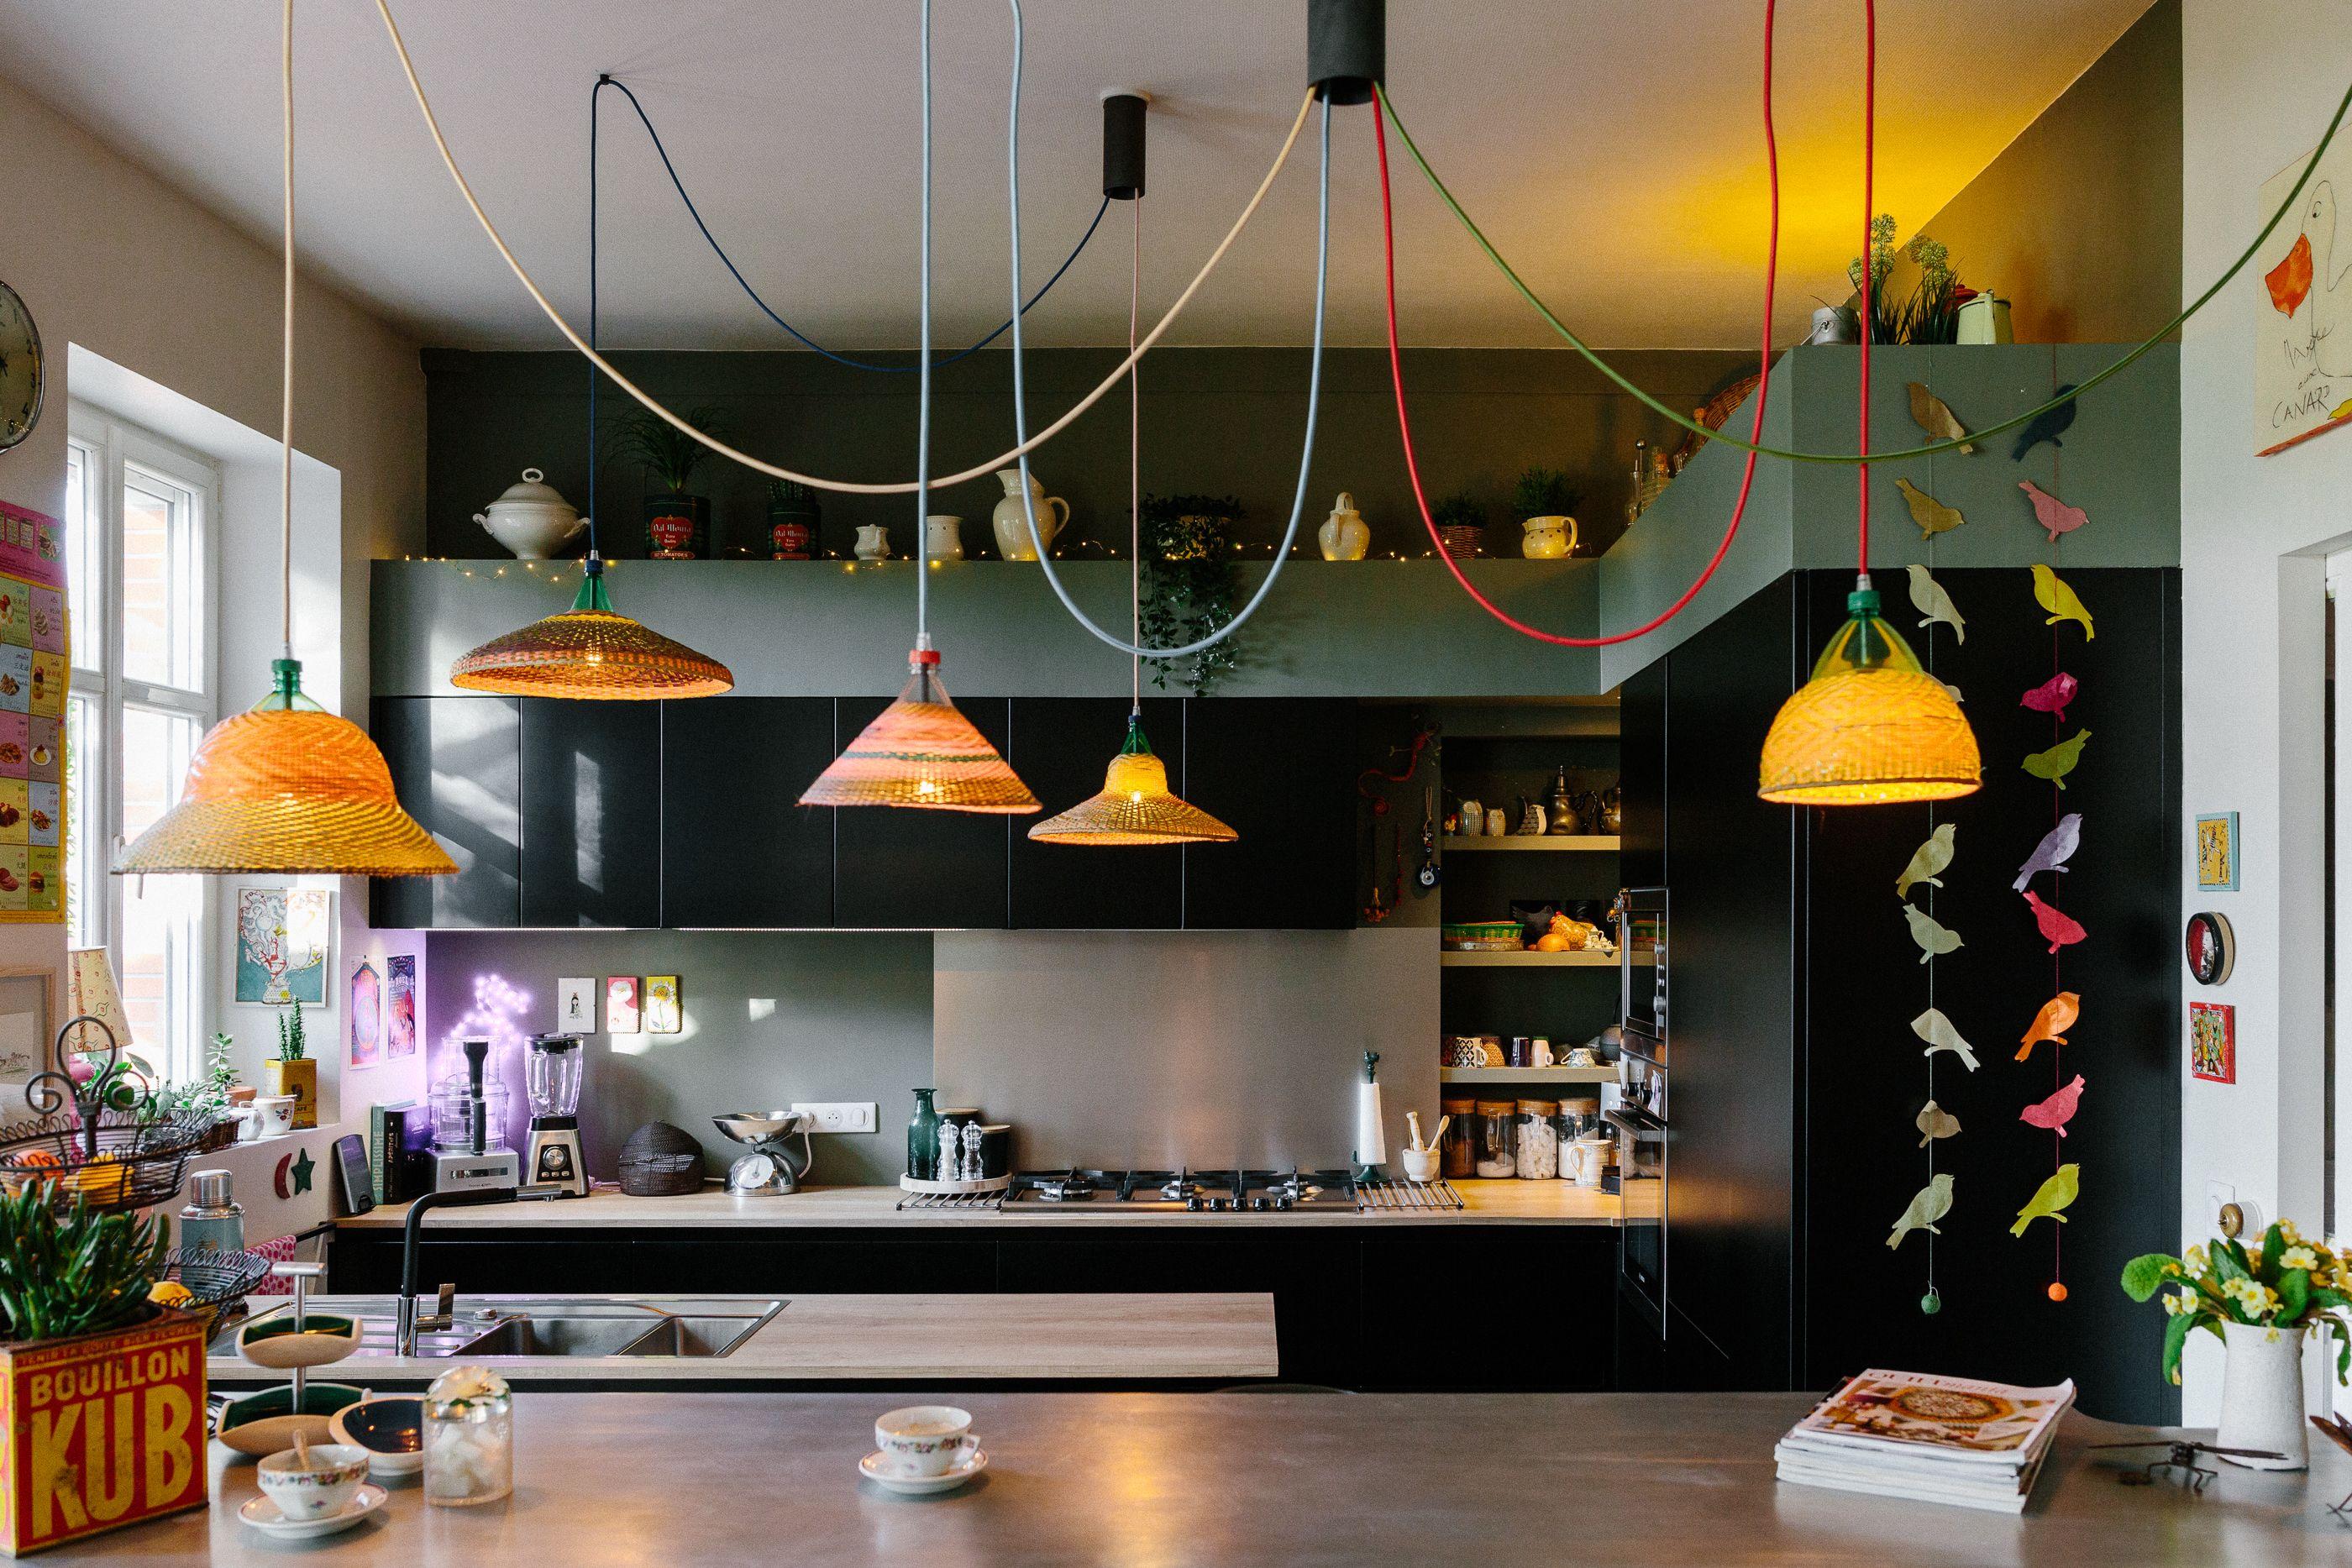 Elisa Et Ronan Letanoux Architectes D Interieurs Vous Propose De S Occuper De L Amenagement Architecte Interieur Cuisine Noire Et Bois Architecture Interieure